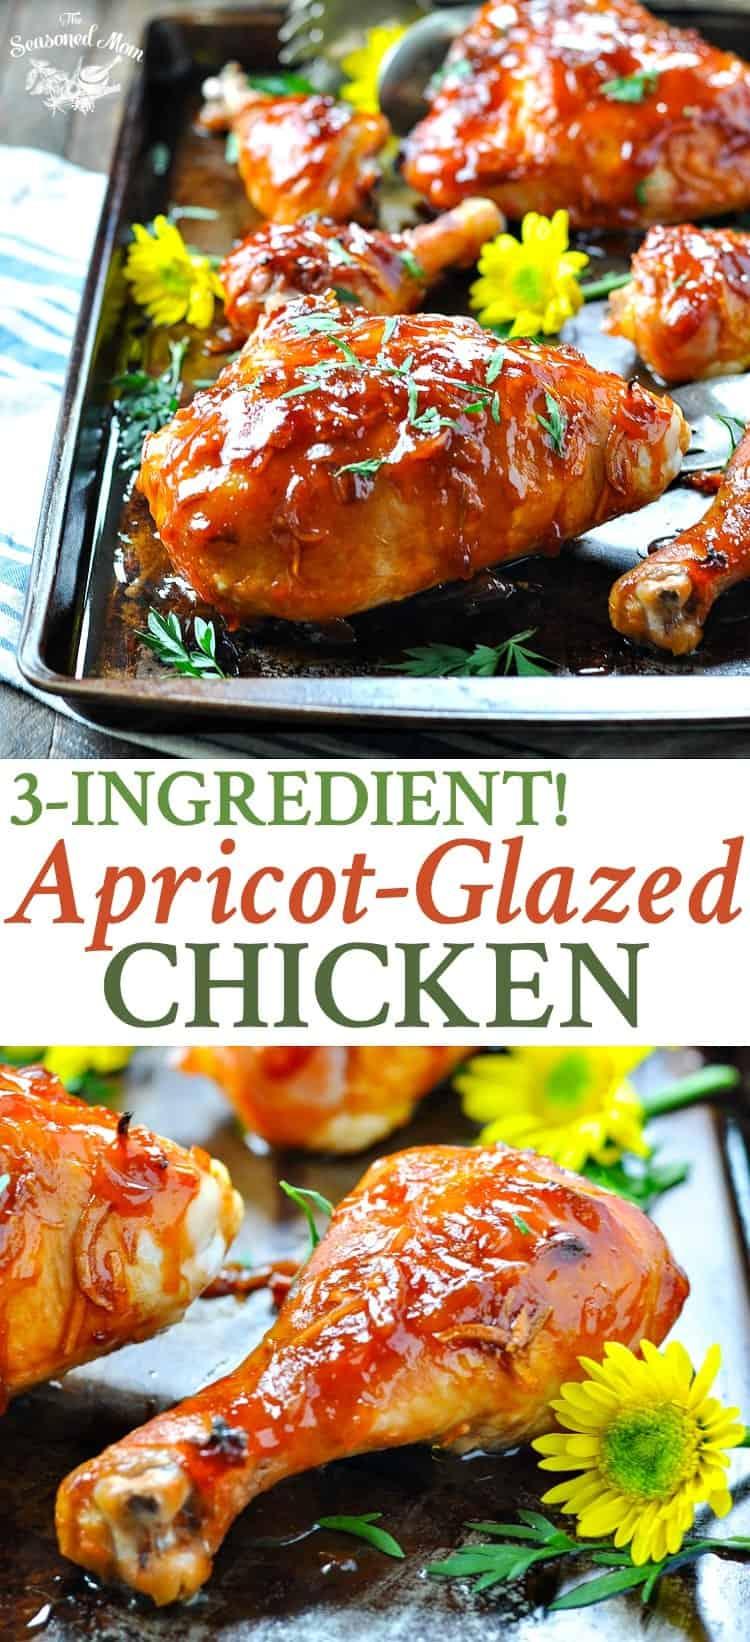 3 Ingredient Apricot Glazed Chicken | Easy Dinner Recipes | Dinner Ideas | Chicken Recipes | Chicken Breast Recipes | Baked Chicken | Whole Chicken Recipes